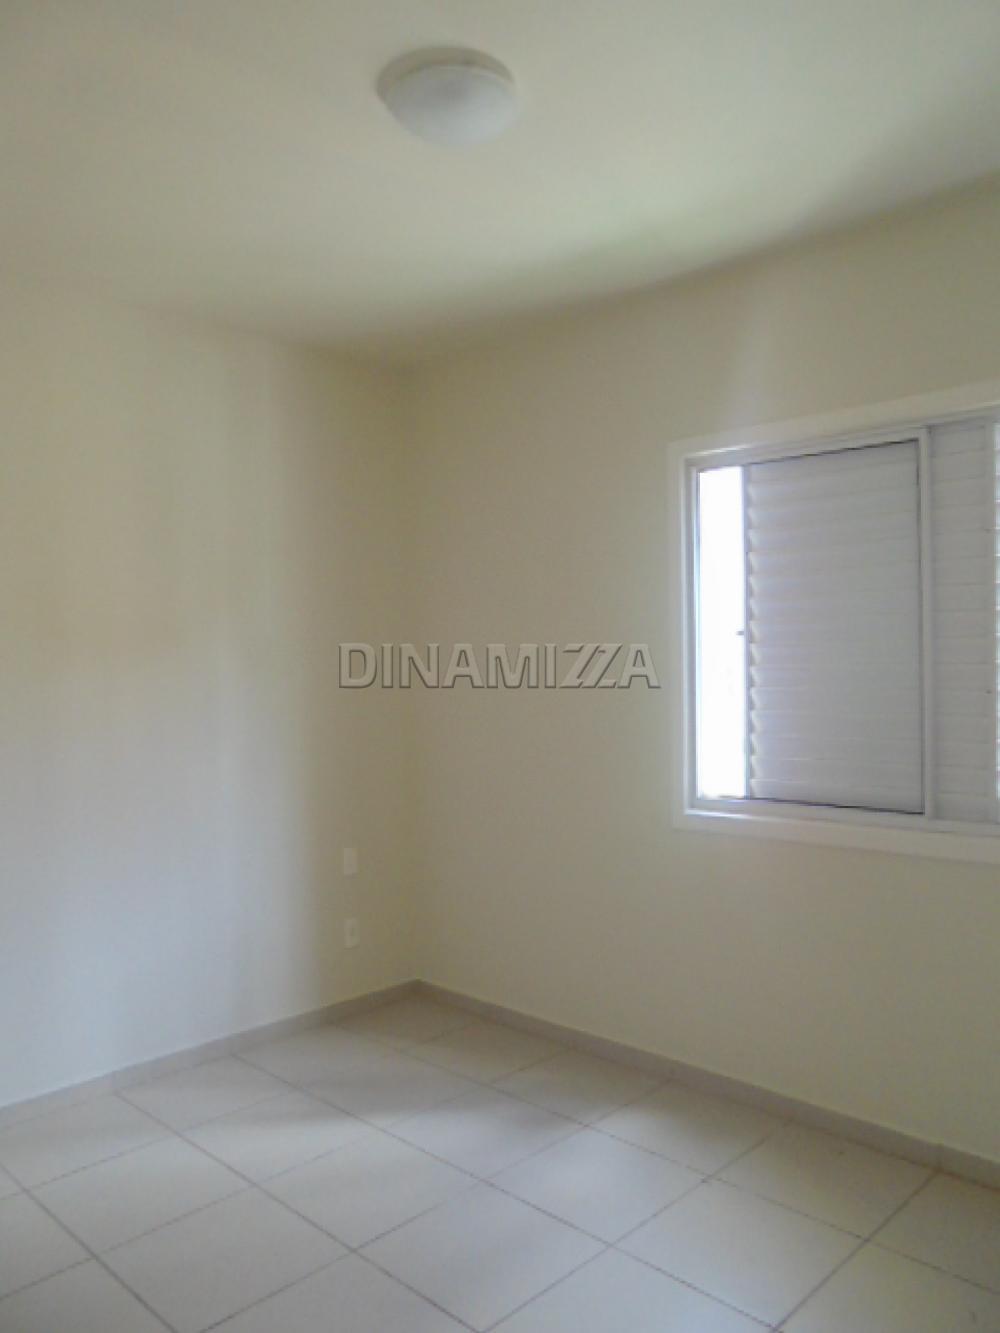 Alugar Apartamento / Padrão em Uberaba apenas R$ 850,00 - Foto 9